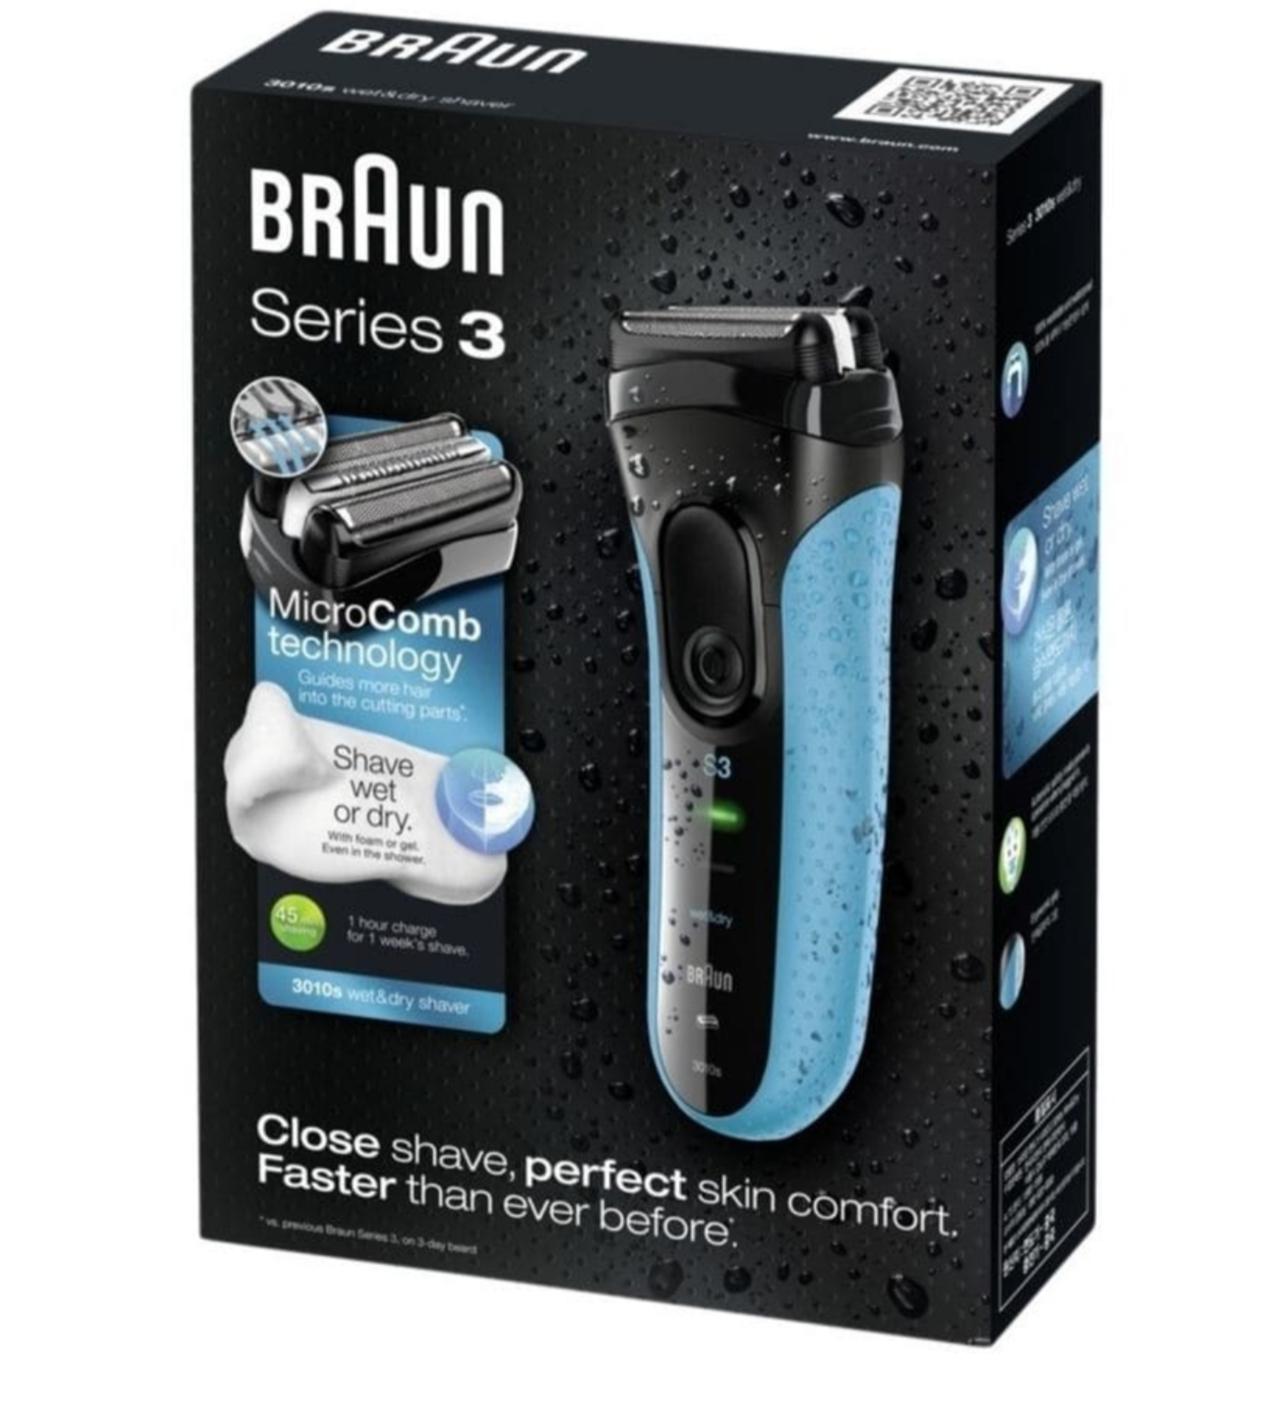 Braun 3 series wet & dry scheerapparaat voor €39,99 @ kruidvat